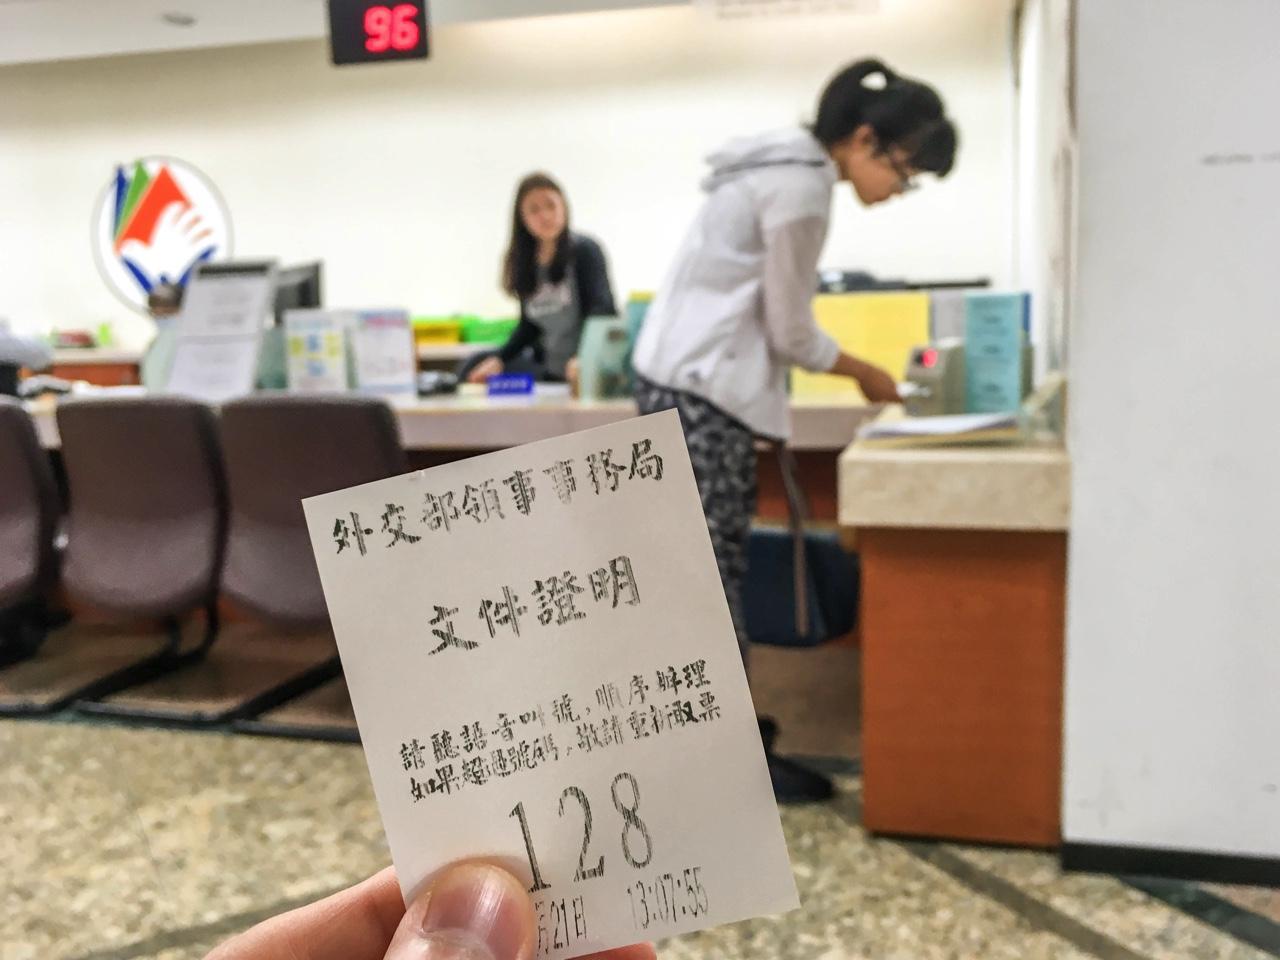 外交部領事事務局の整理券